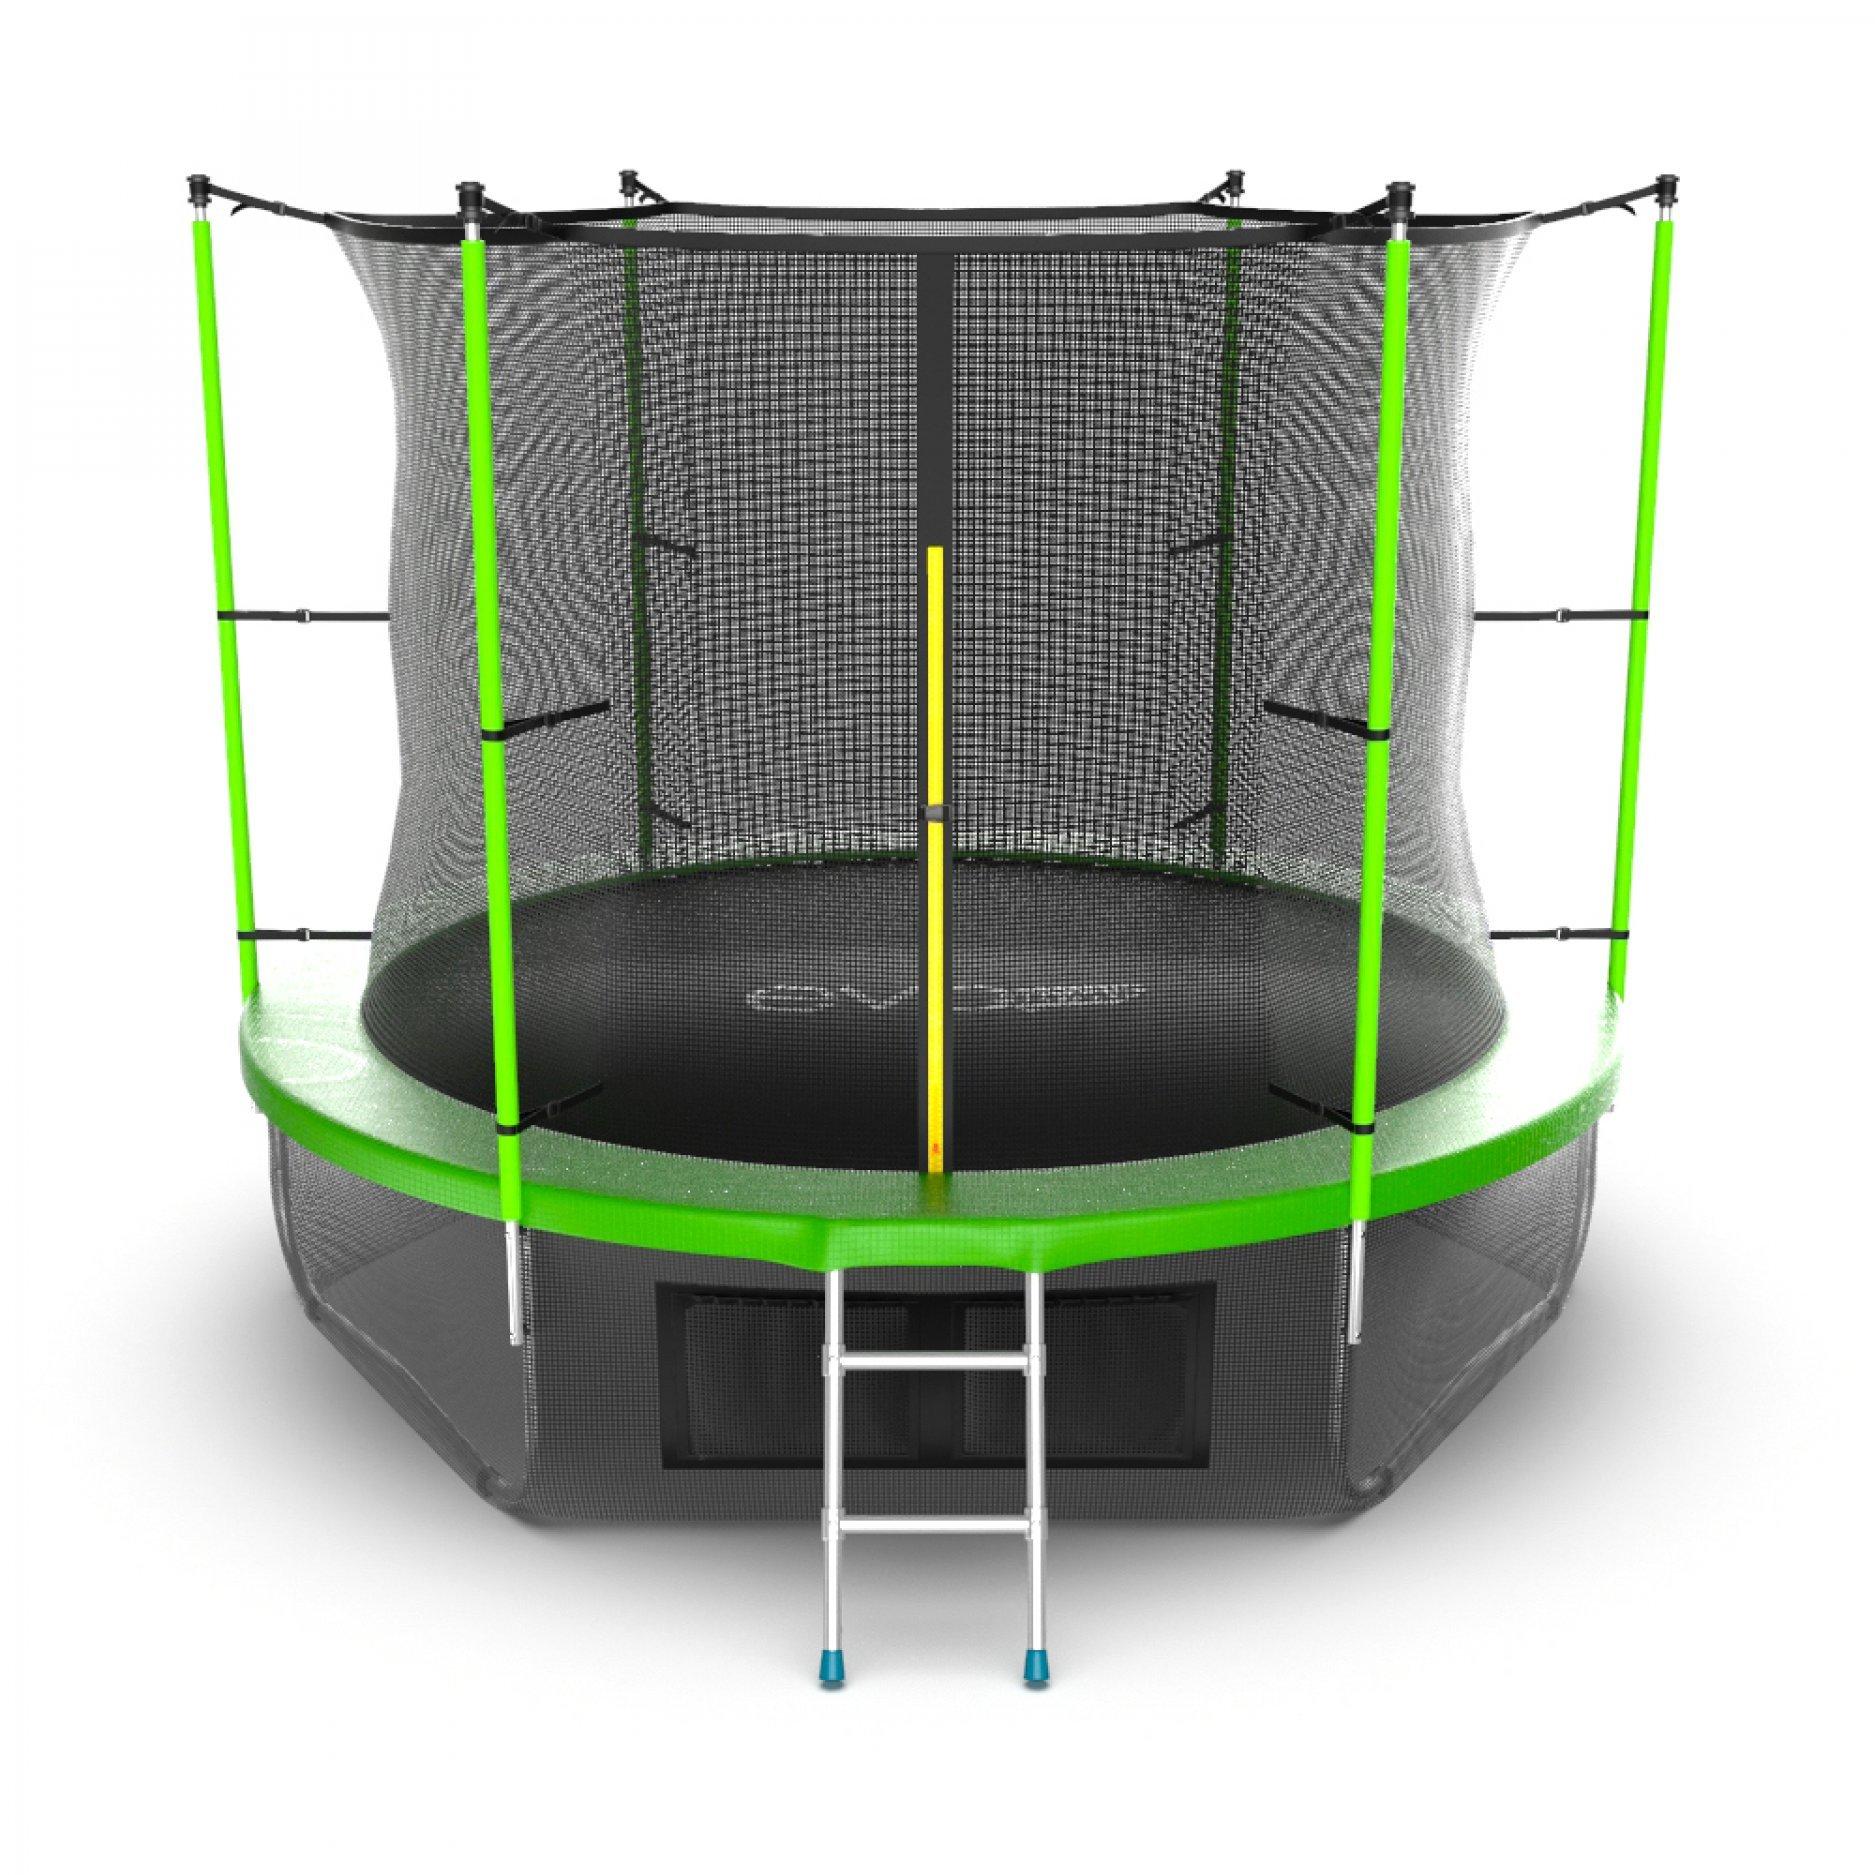 EVO JUMP Internal 10ft (Green) + Lower net с внутренней сеткой и лестницей + нижняя сеть